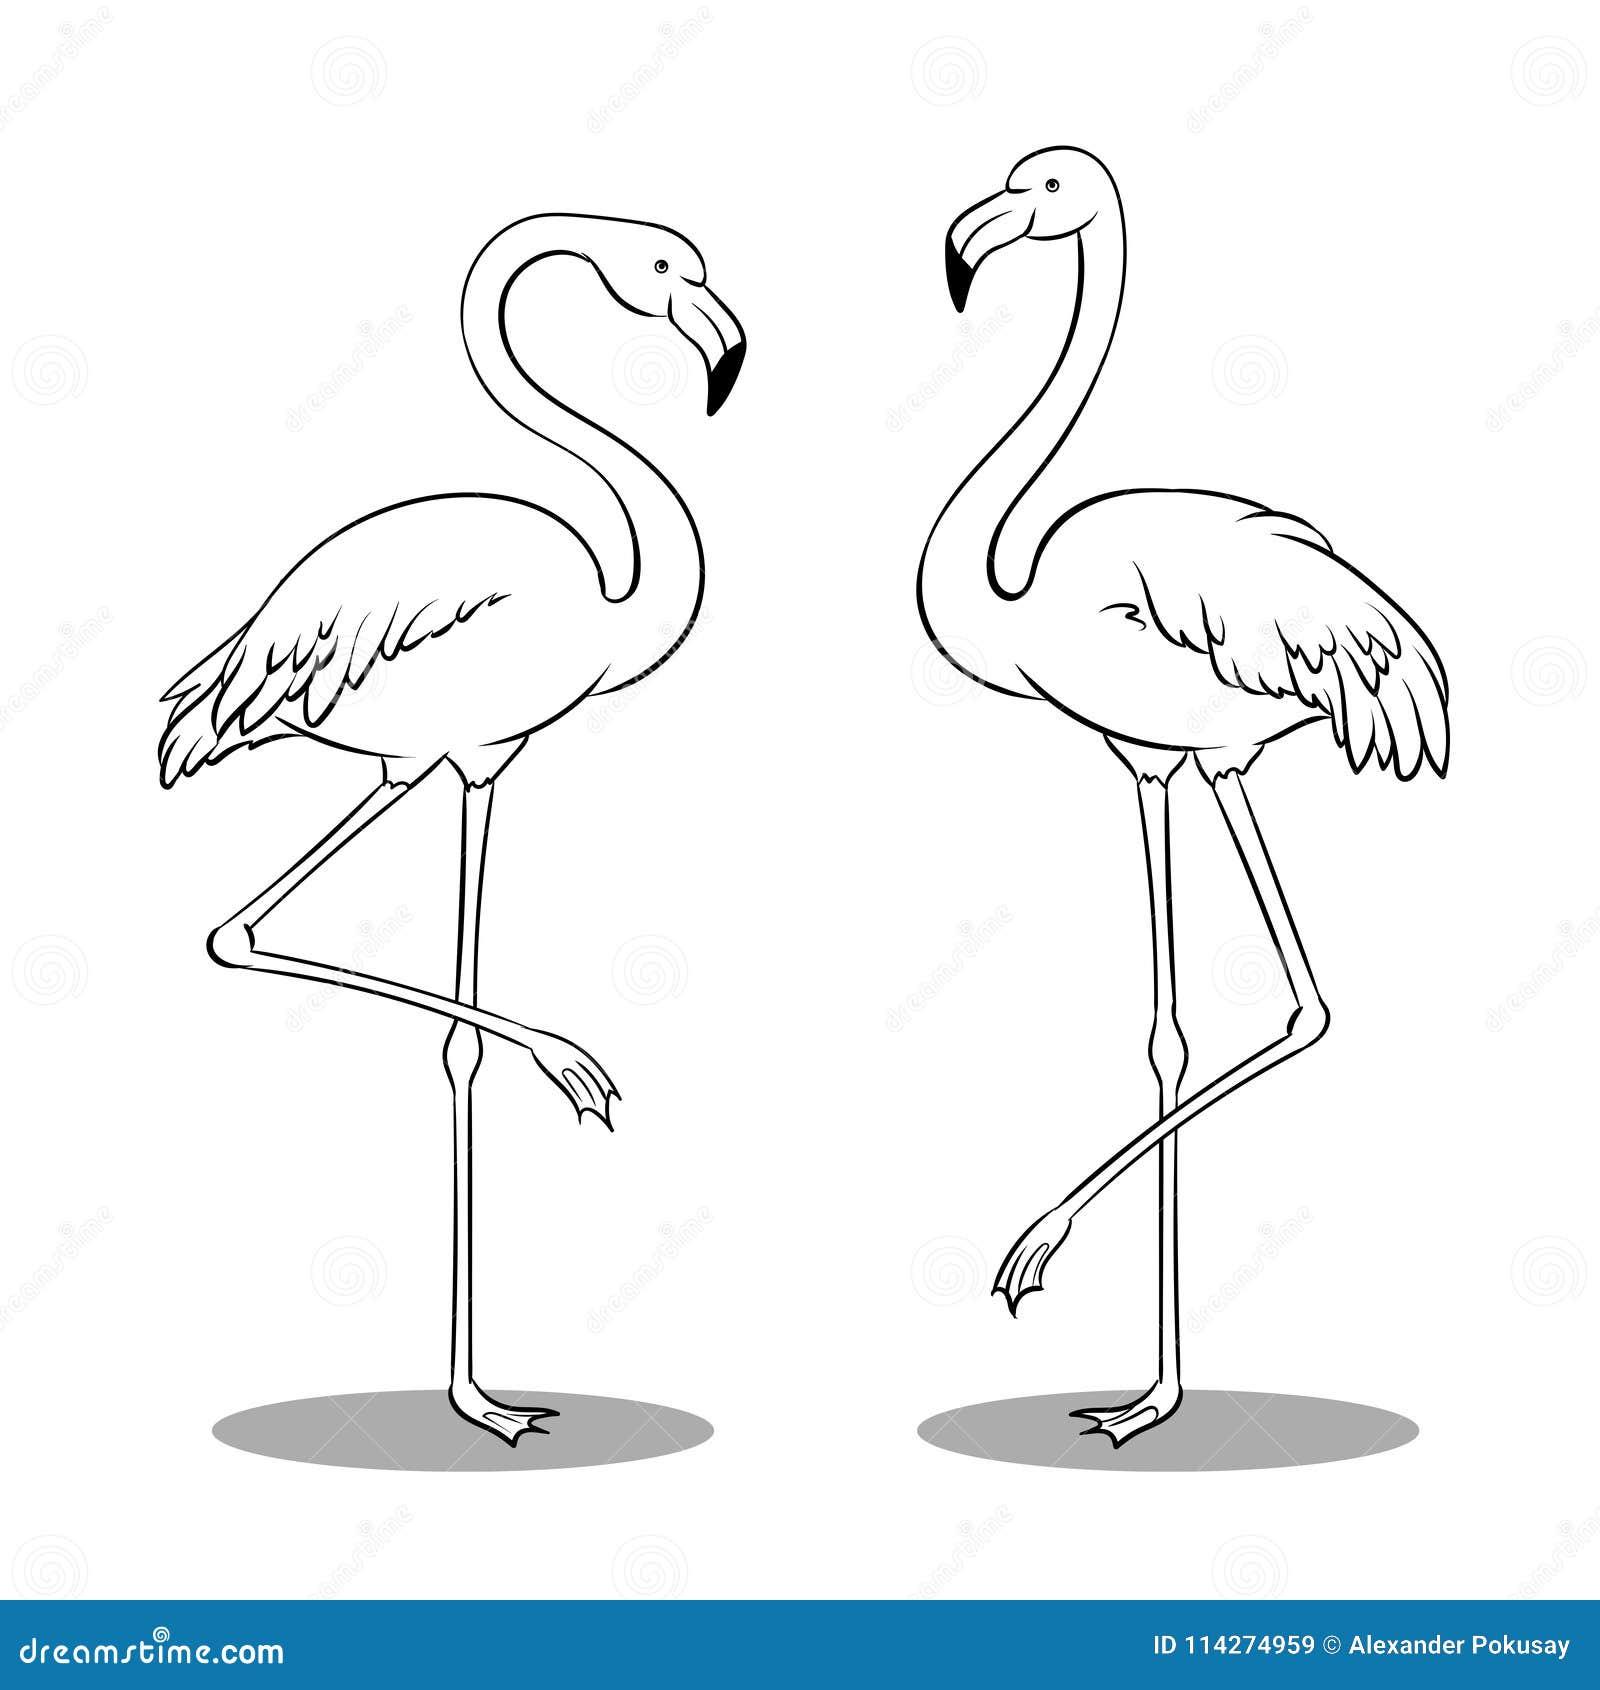 Excepcional Colillas De Pájaros Enojados Para Colorear Foto - Ideas ...